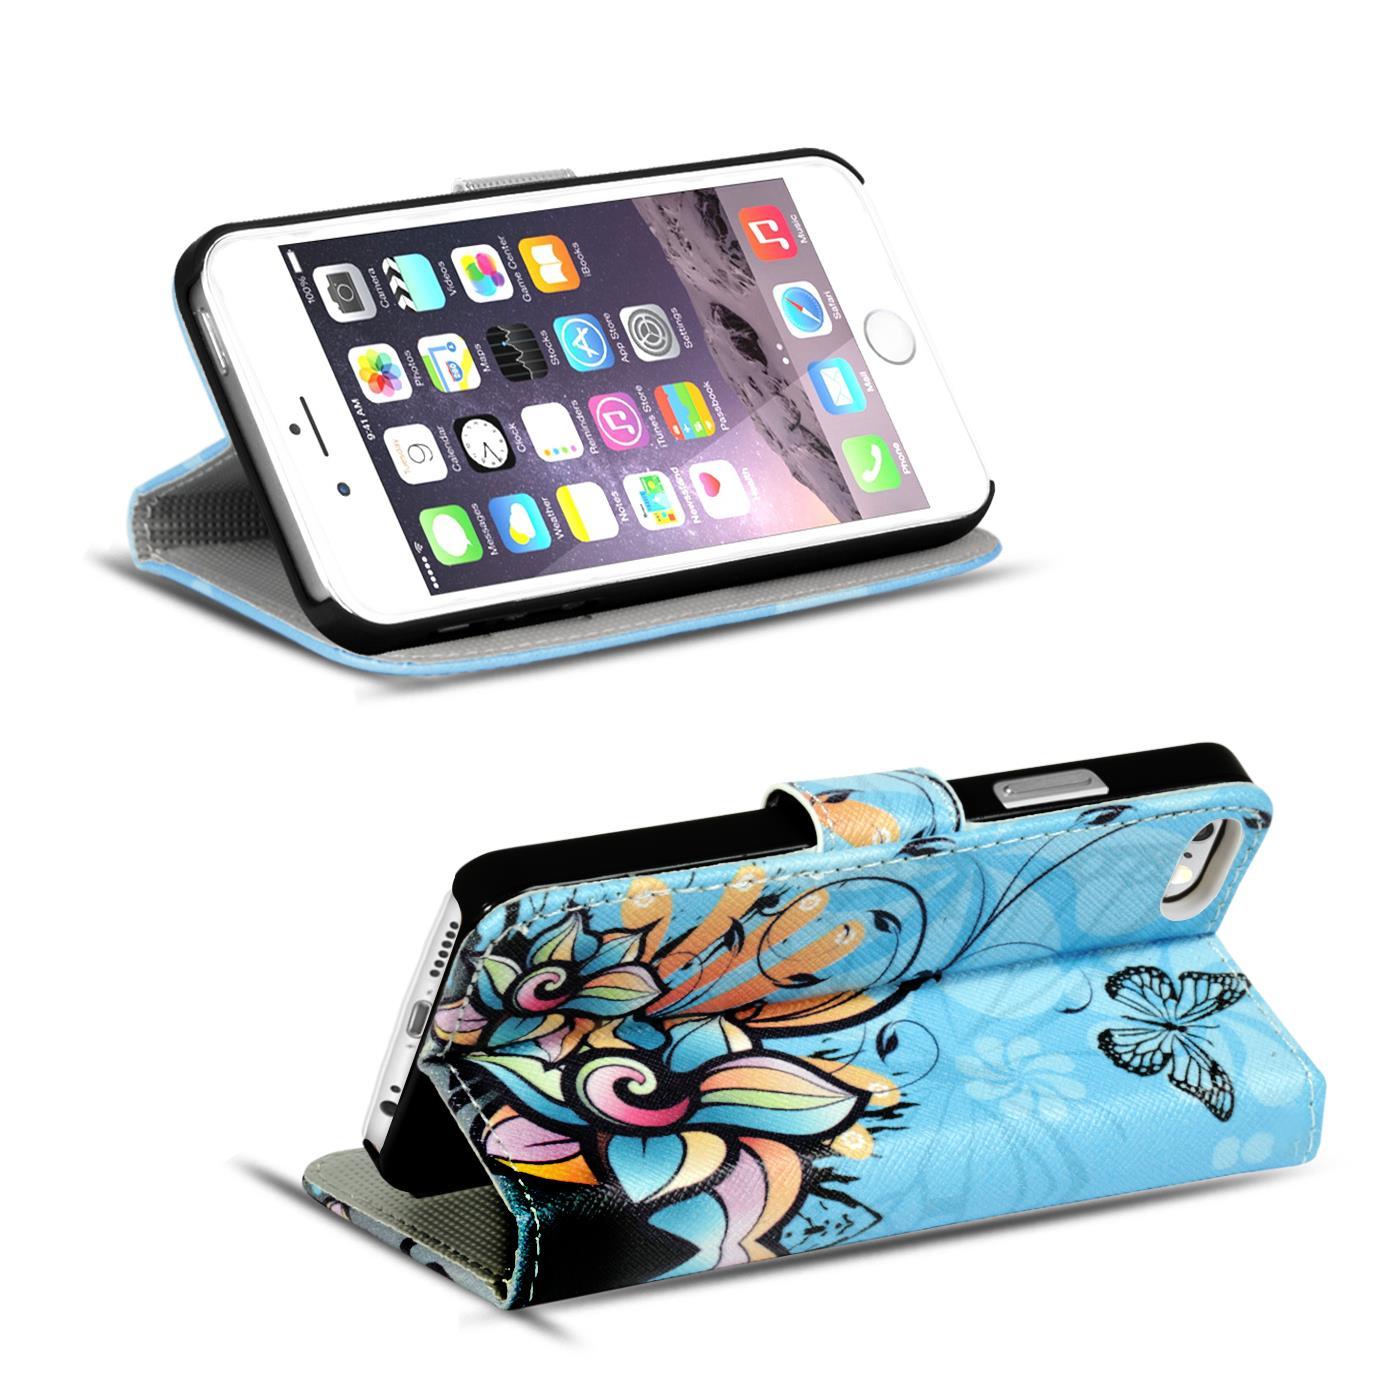 Handy-Huelle-Apple-iPhone-8-Plus-Flip-Cover-Case-Schutz-Tasche-Etui-Motiv-Wallet Indexbild 36